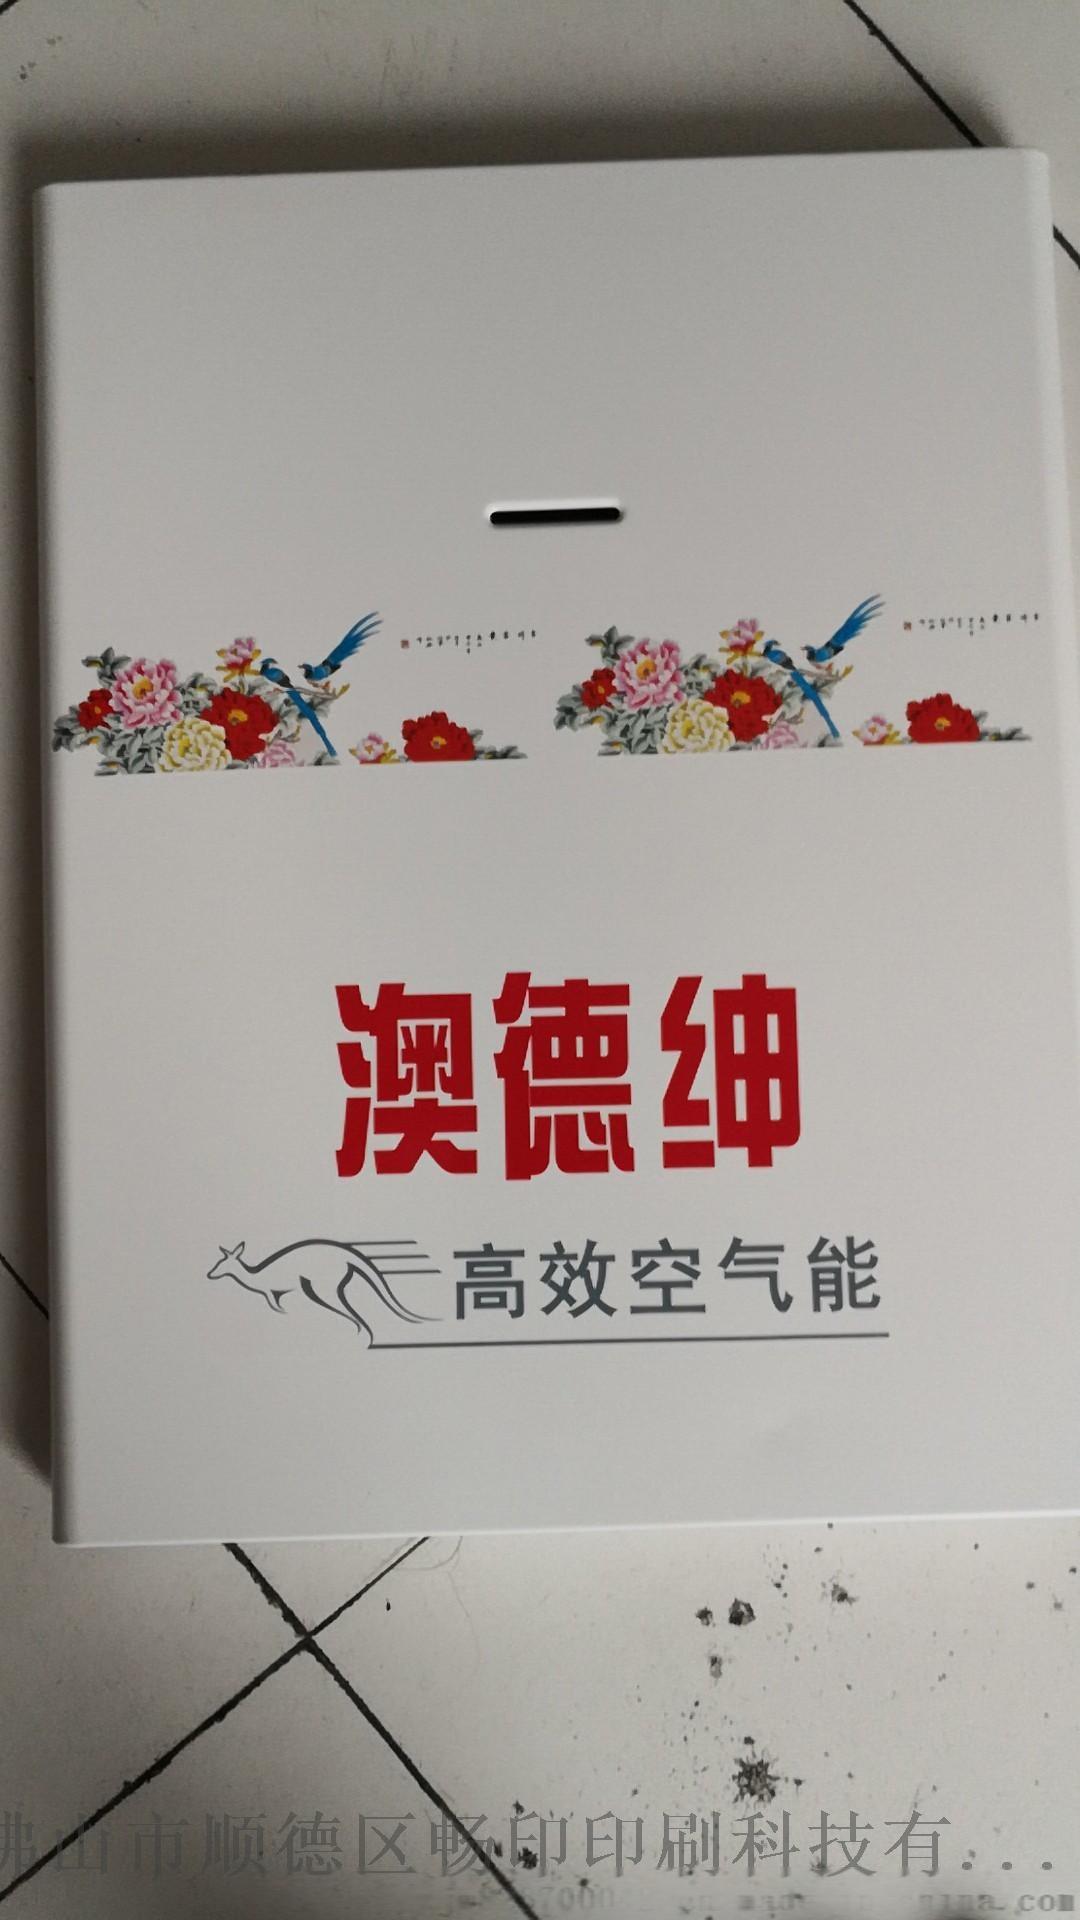 空气净化器面板水贴纸,产品材质喷粉件.jpg